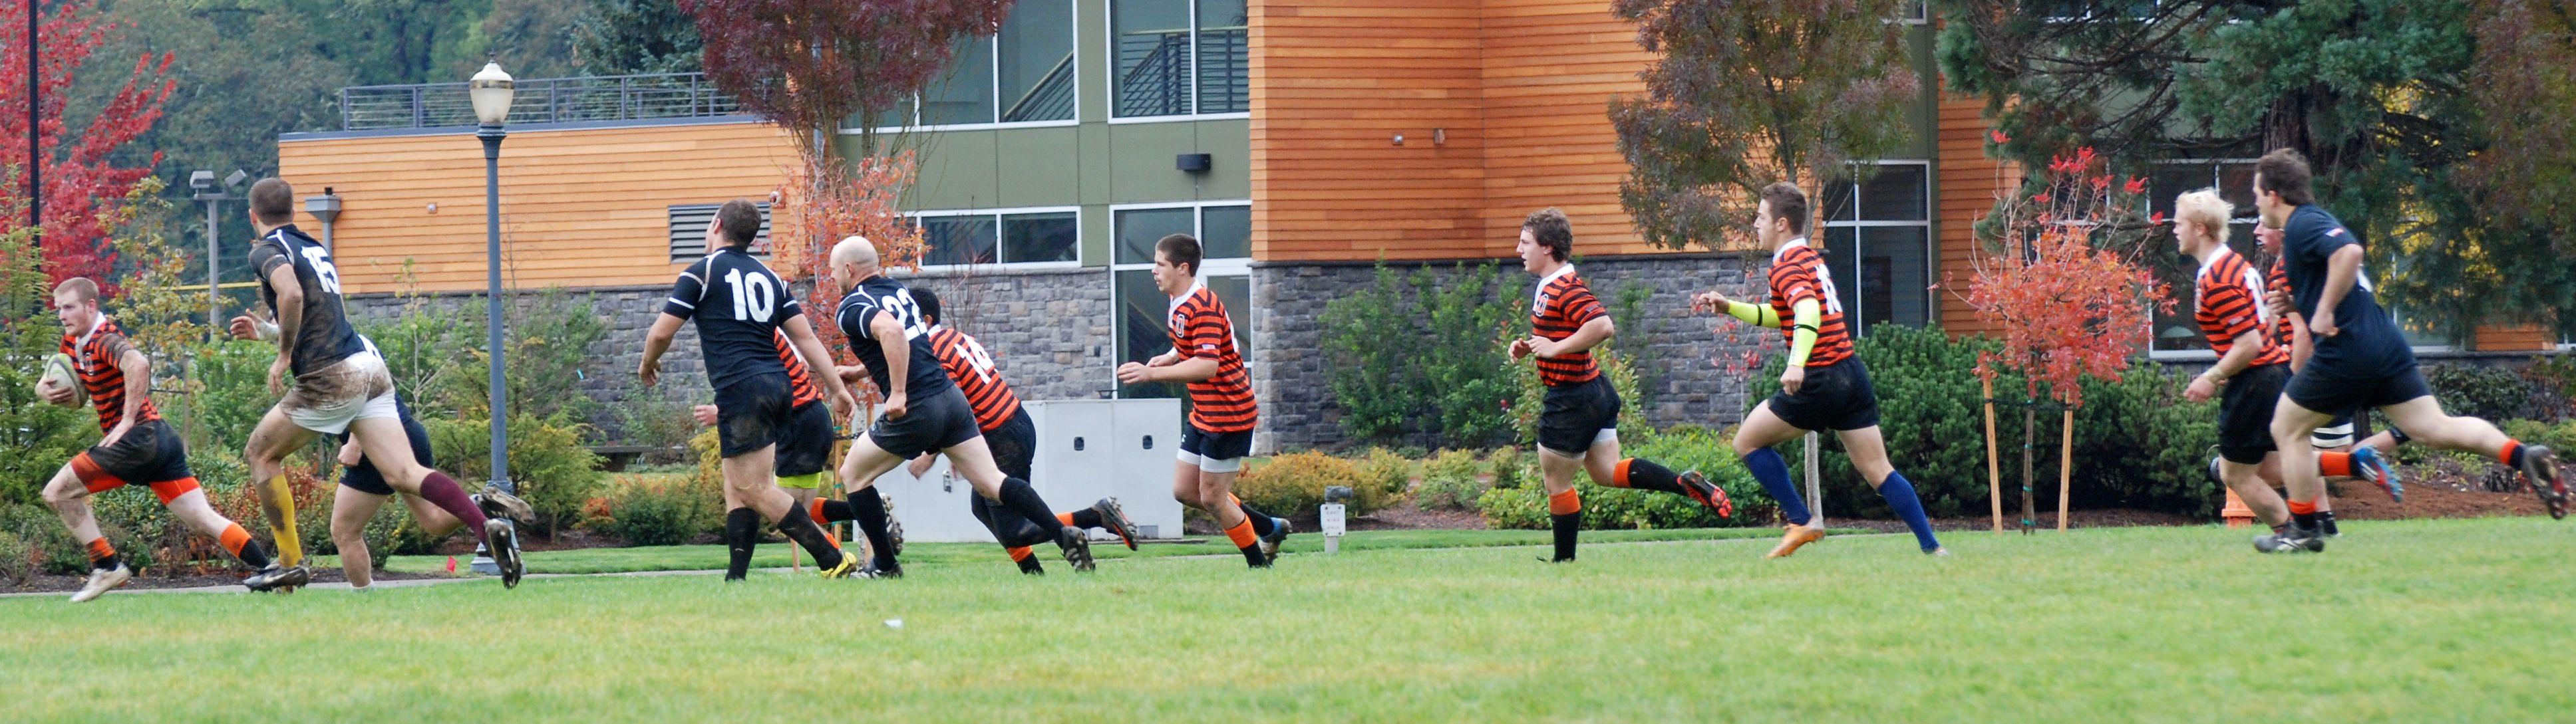 Osu Rugby Alumni Game Fall 2012 Photo By Nancy Raskauskas